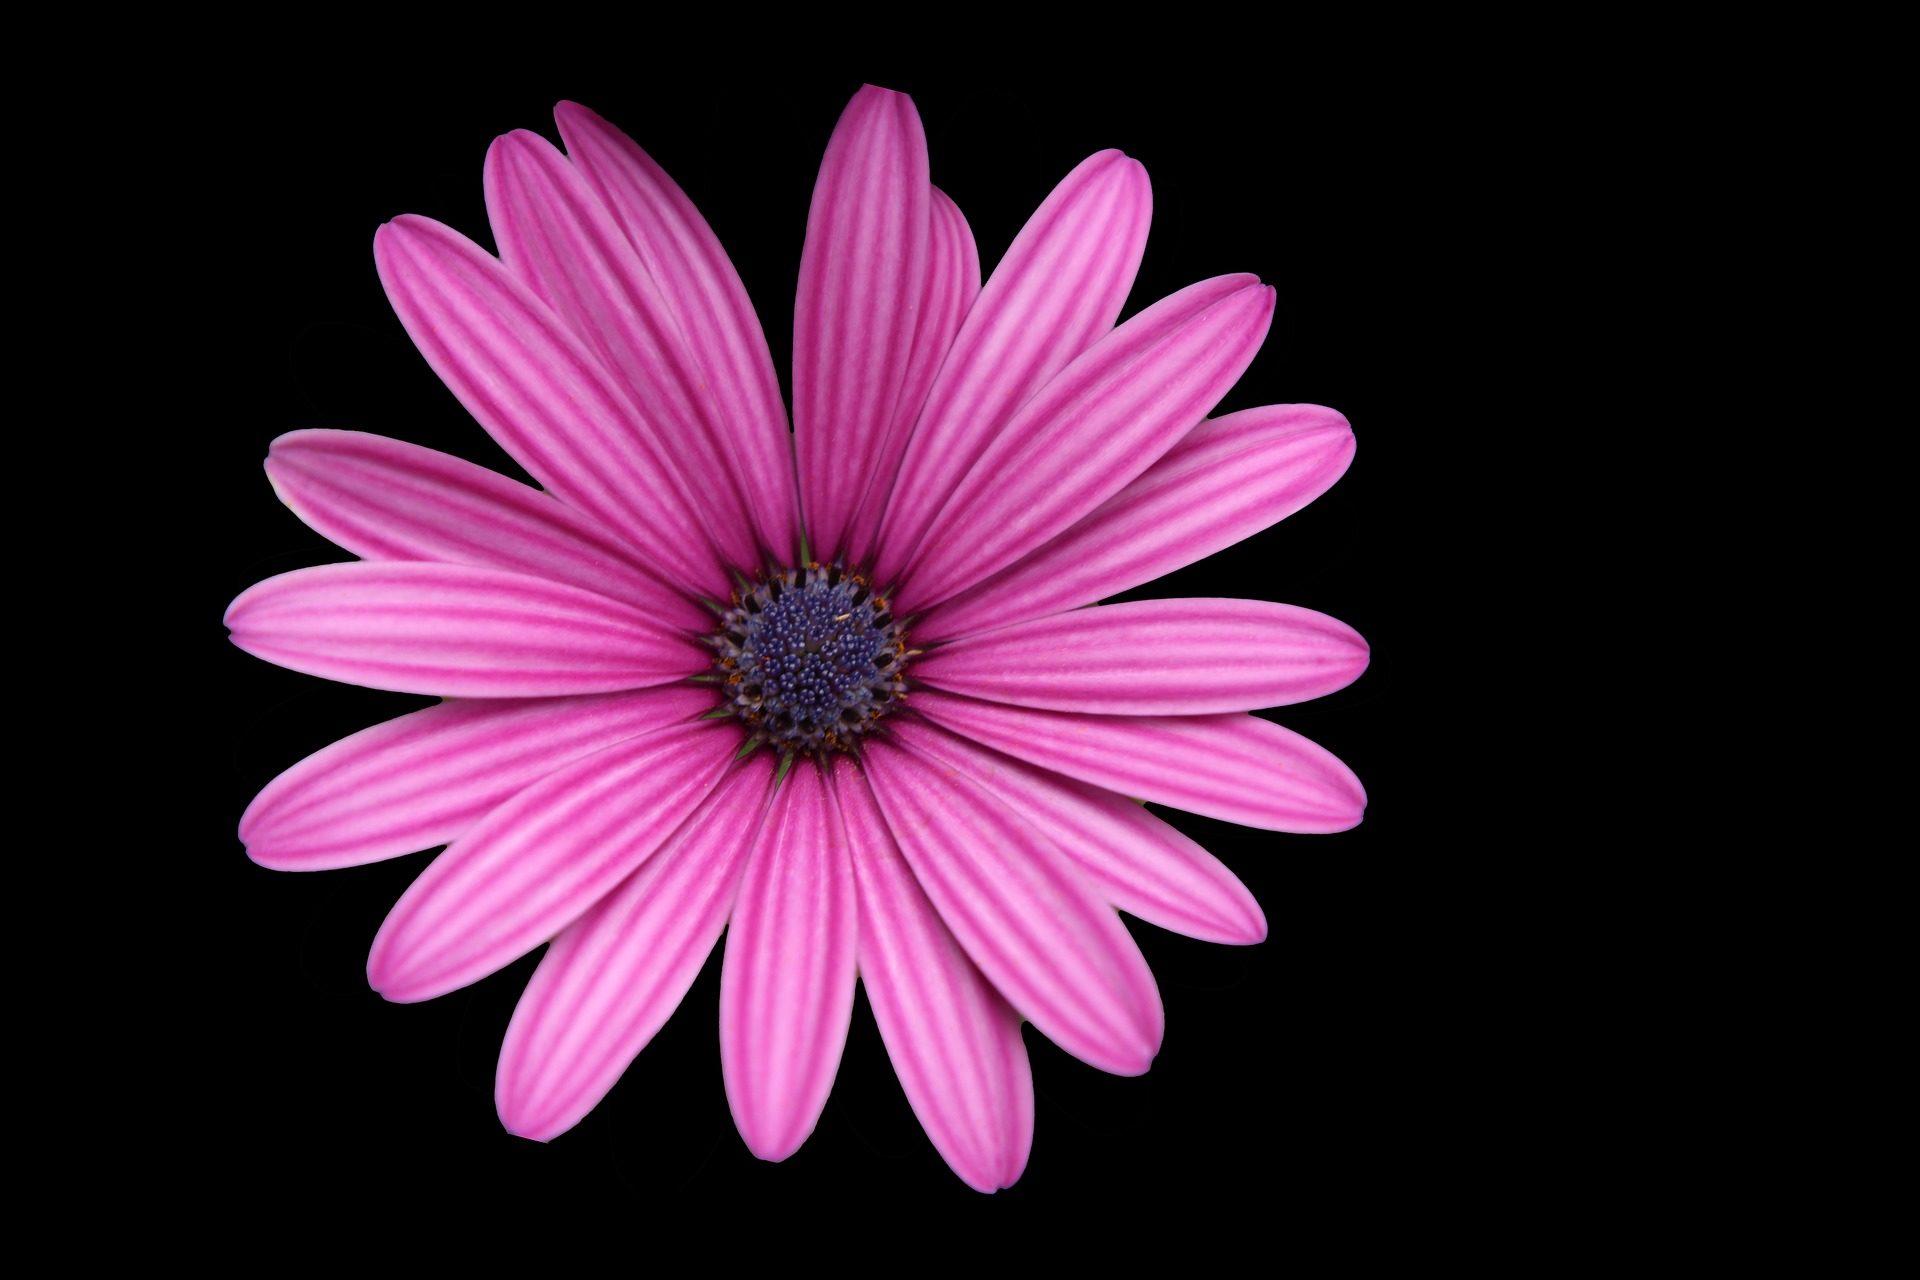 Fondo De Pantalla Flores Rosas: Pin Petalos-en-forma-de-rosa-fondos-pantalla-escritorio On